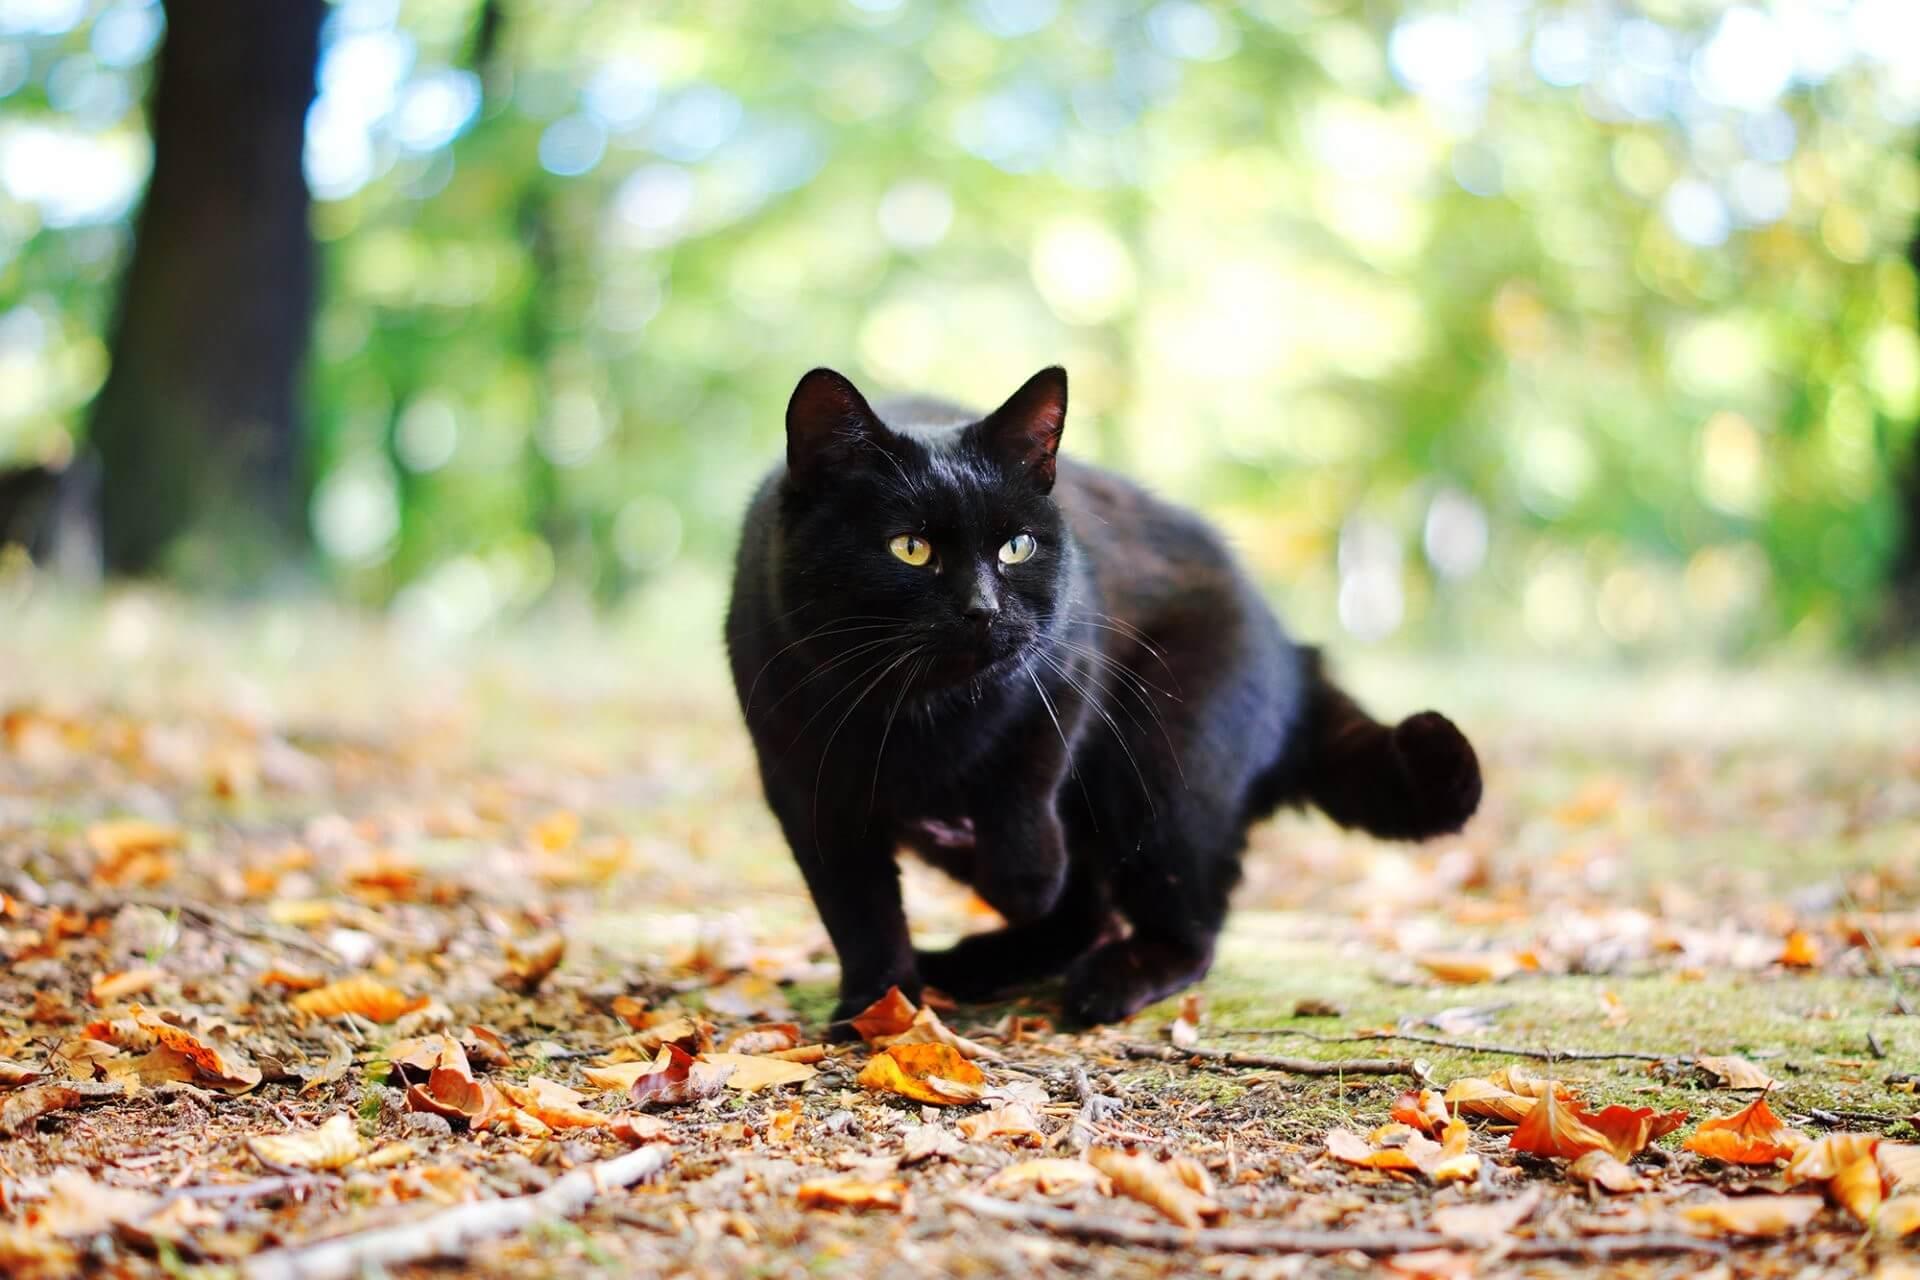 картинка чорного кота любую технику для